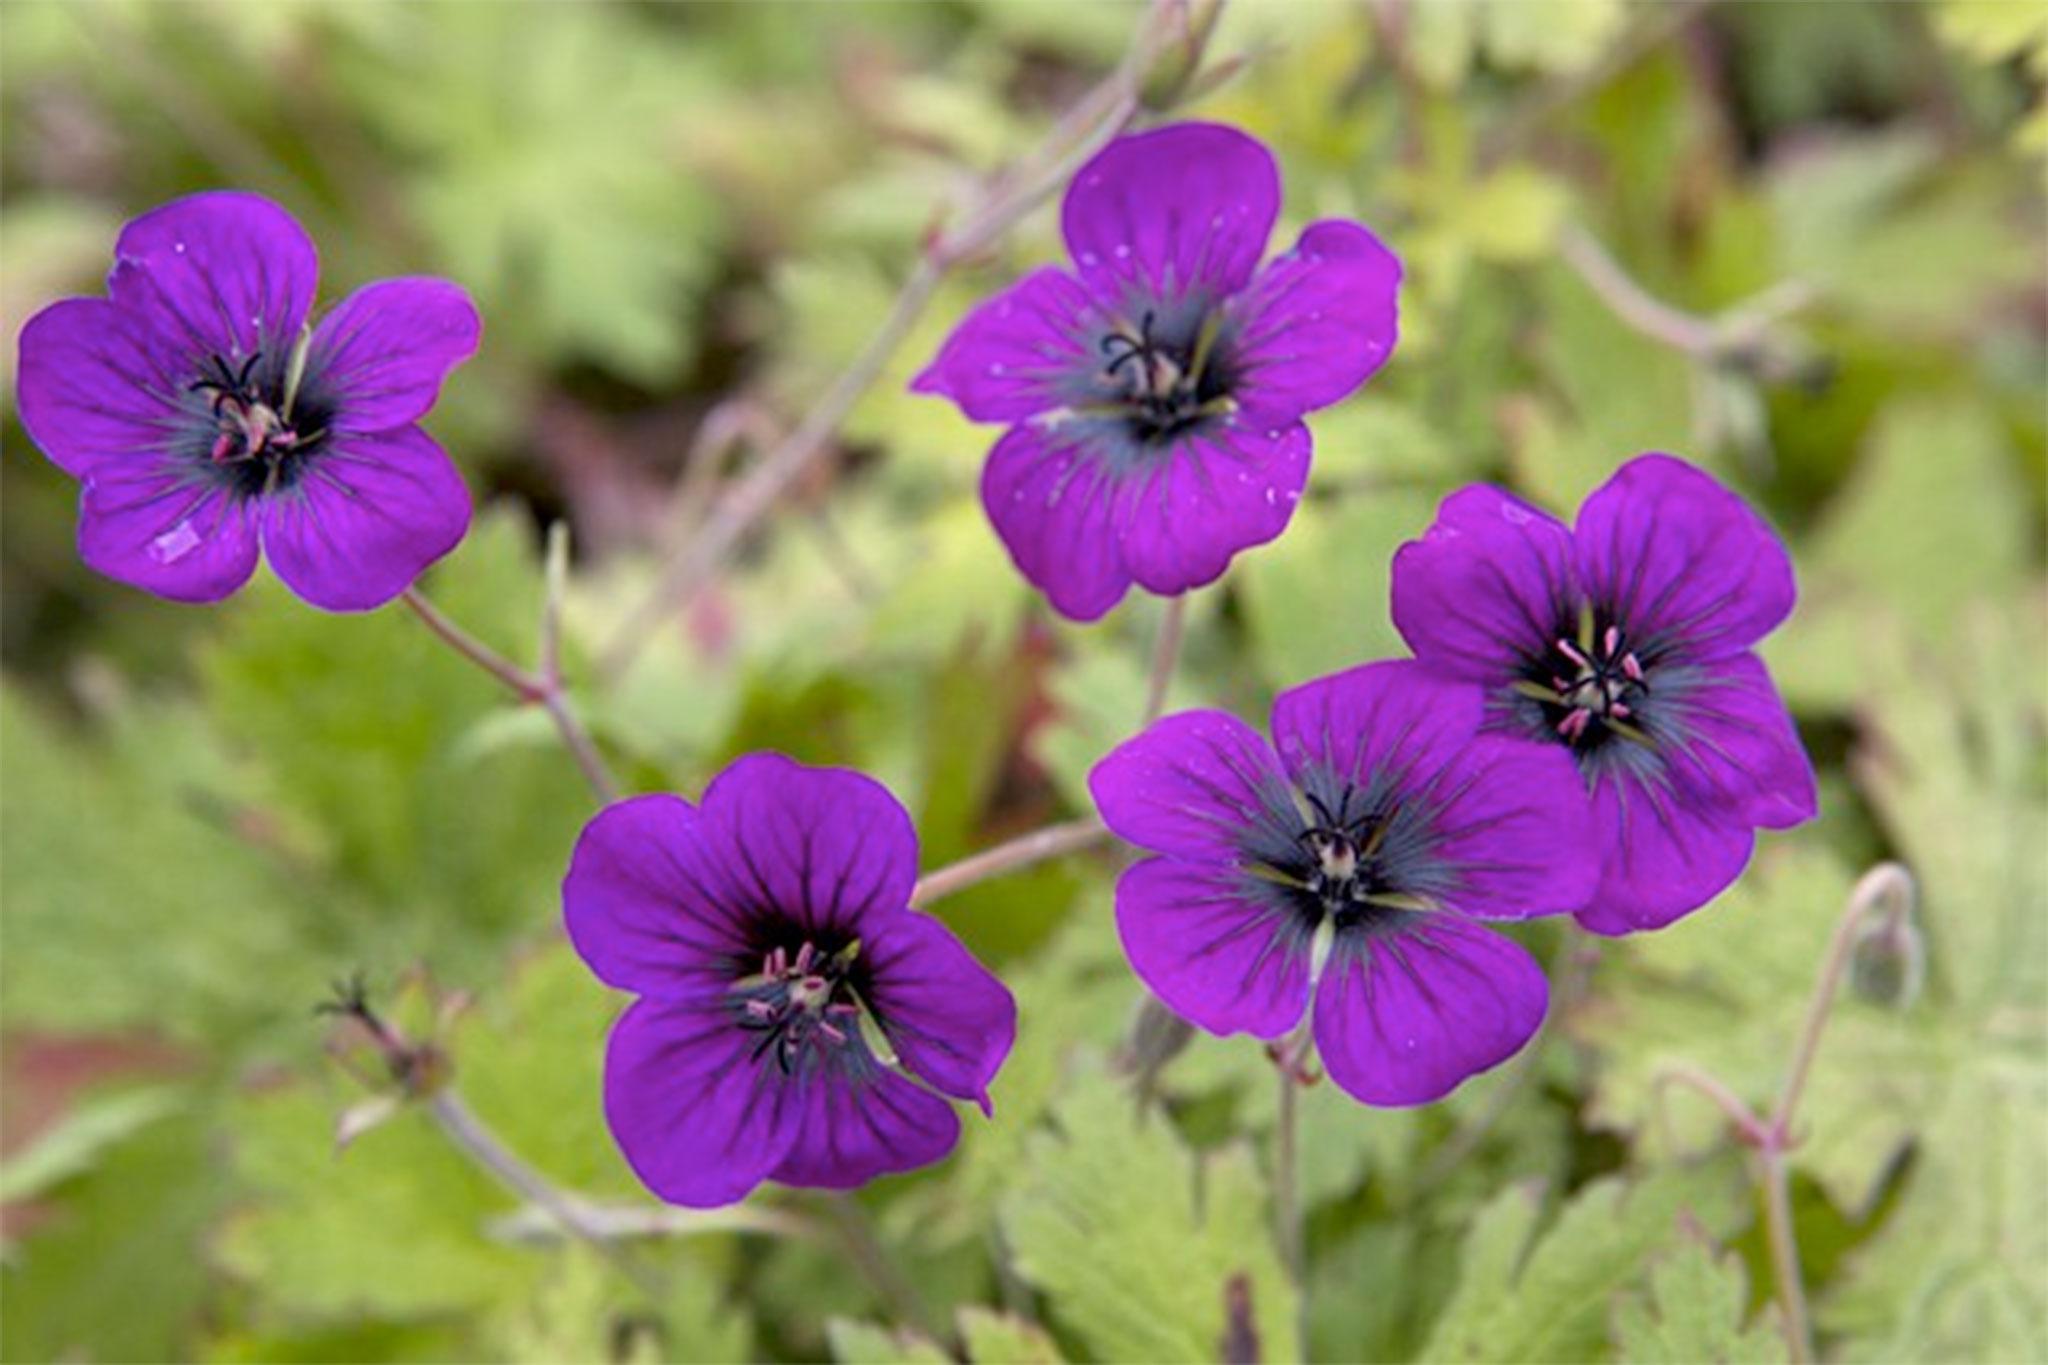 geranium-ann-folkard-4